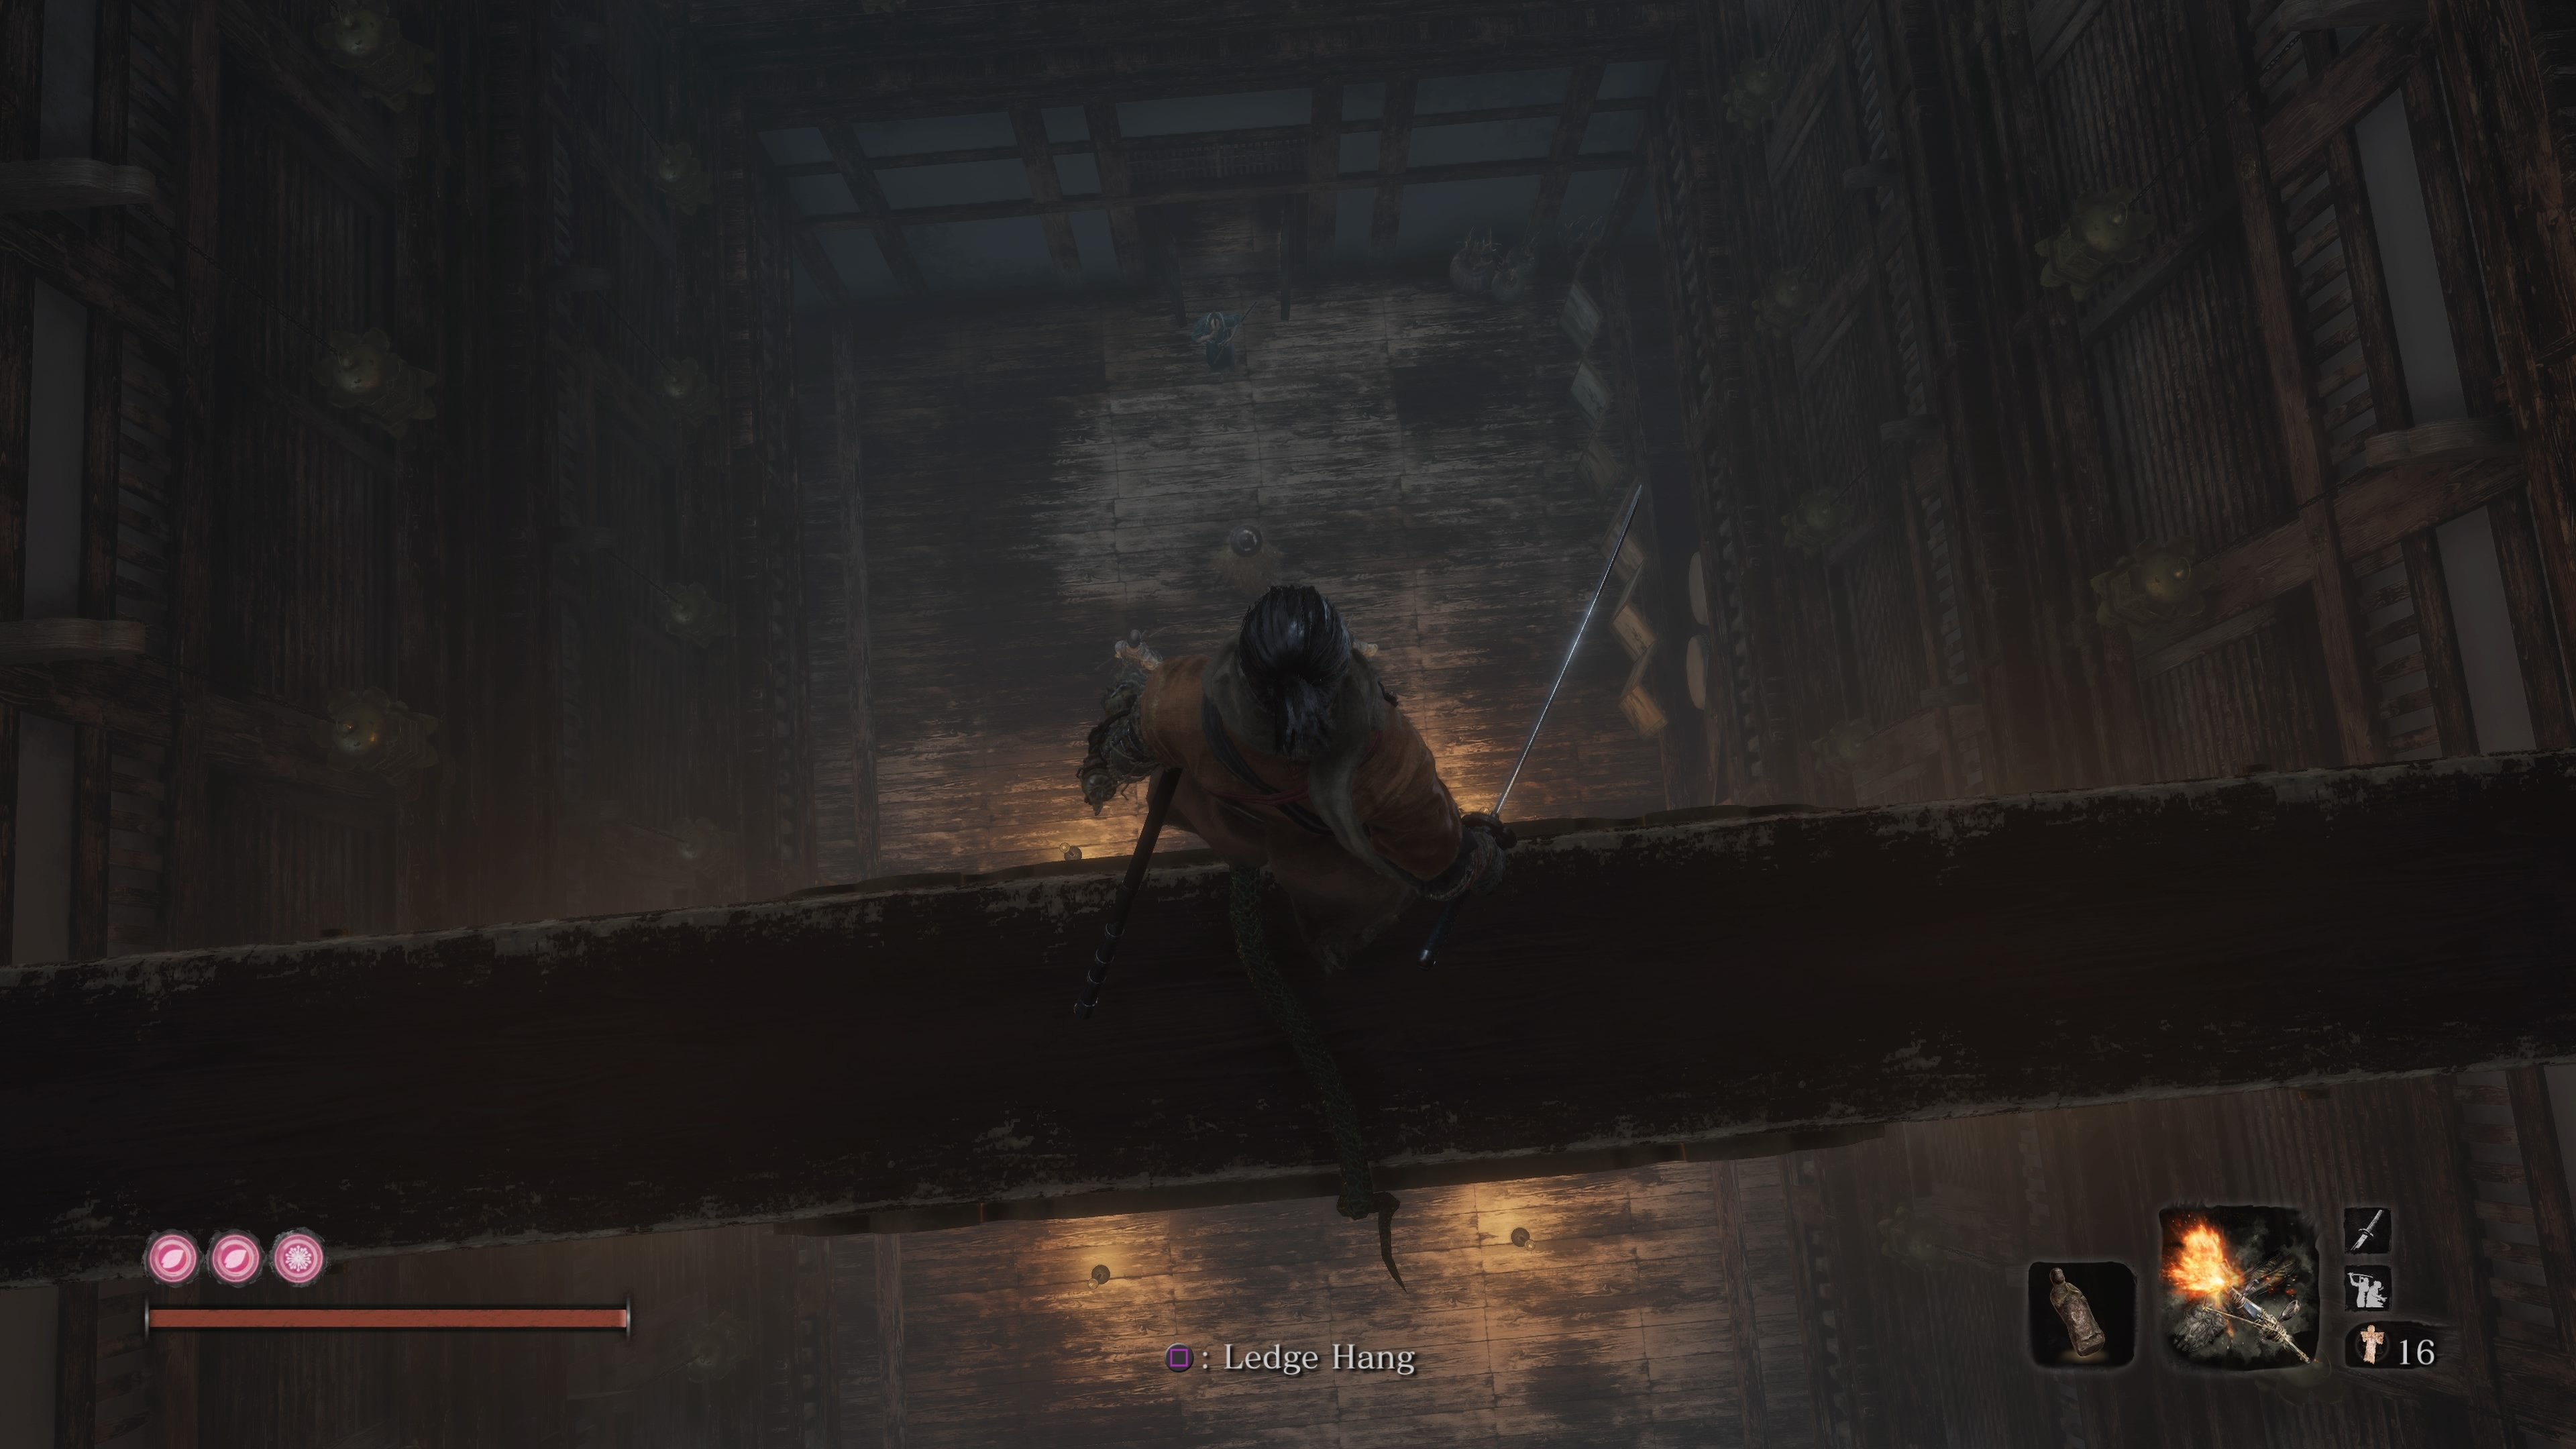 Where to find Sabimaru in Sekiro: Shadows Die Twice